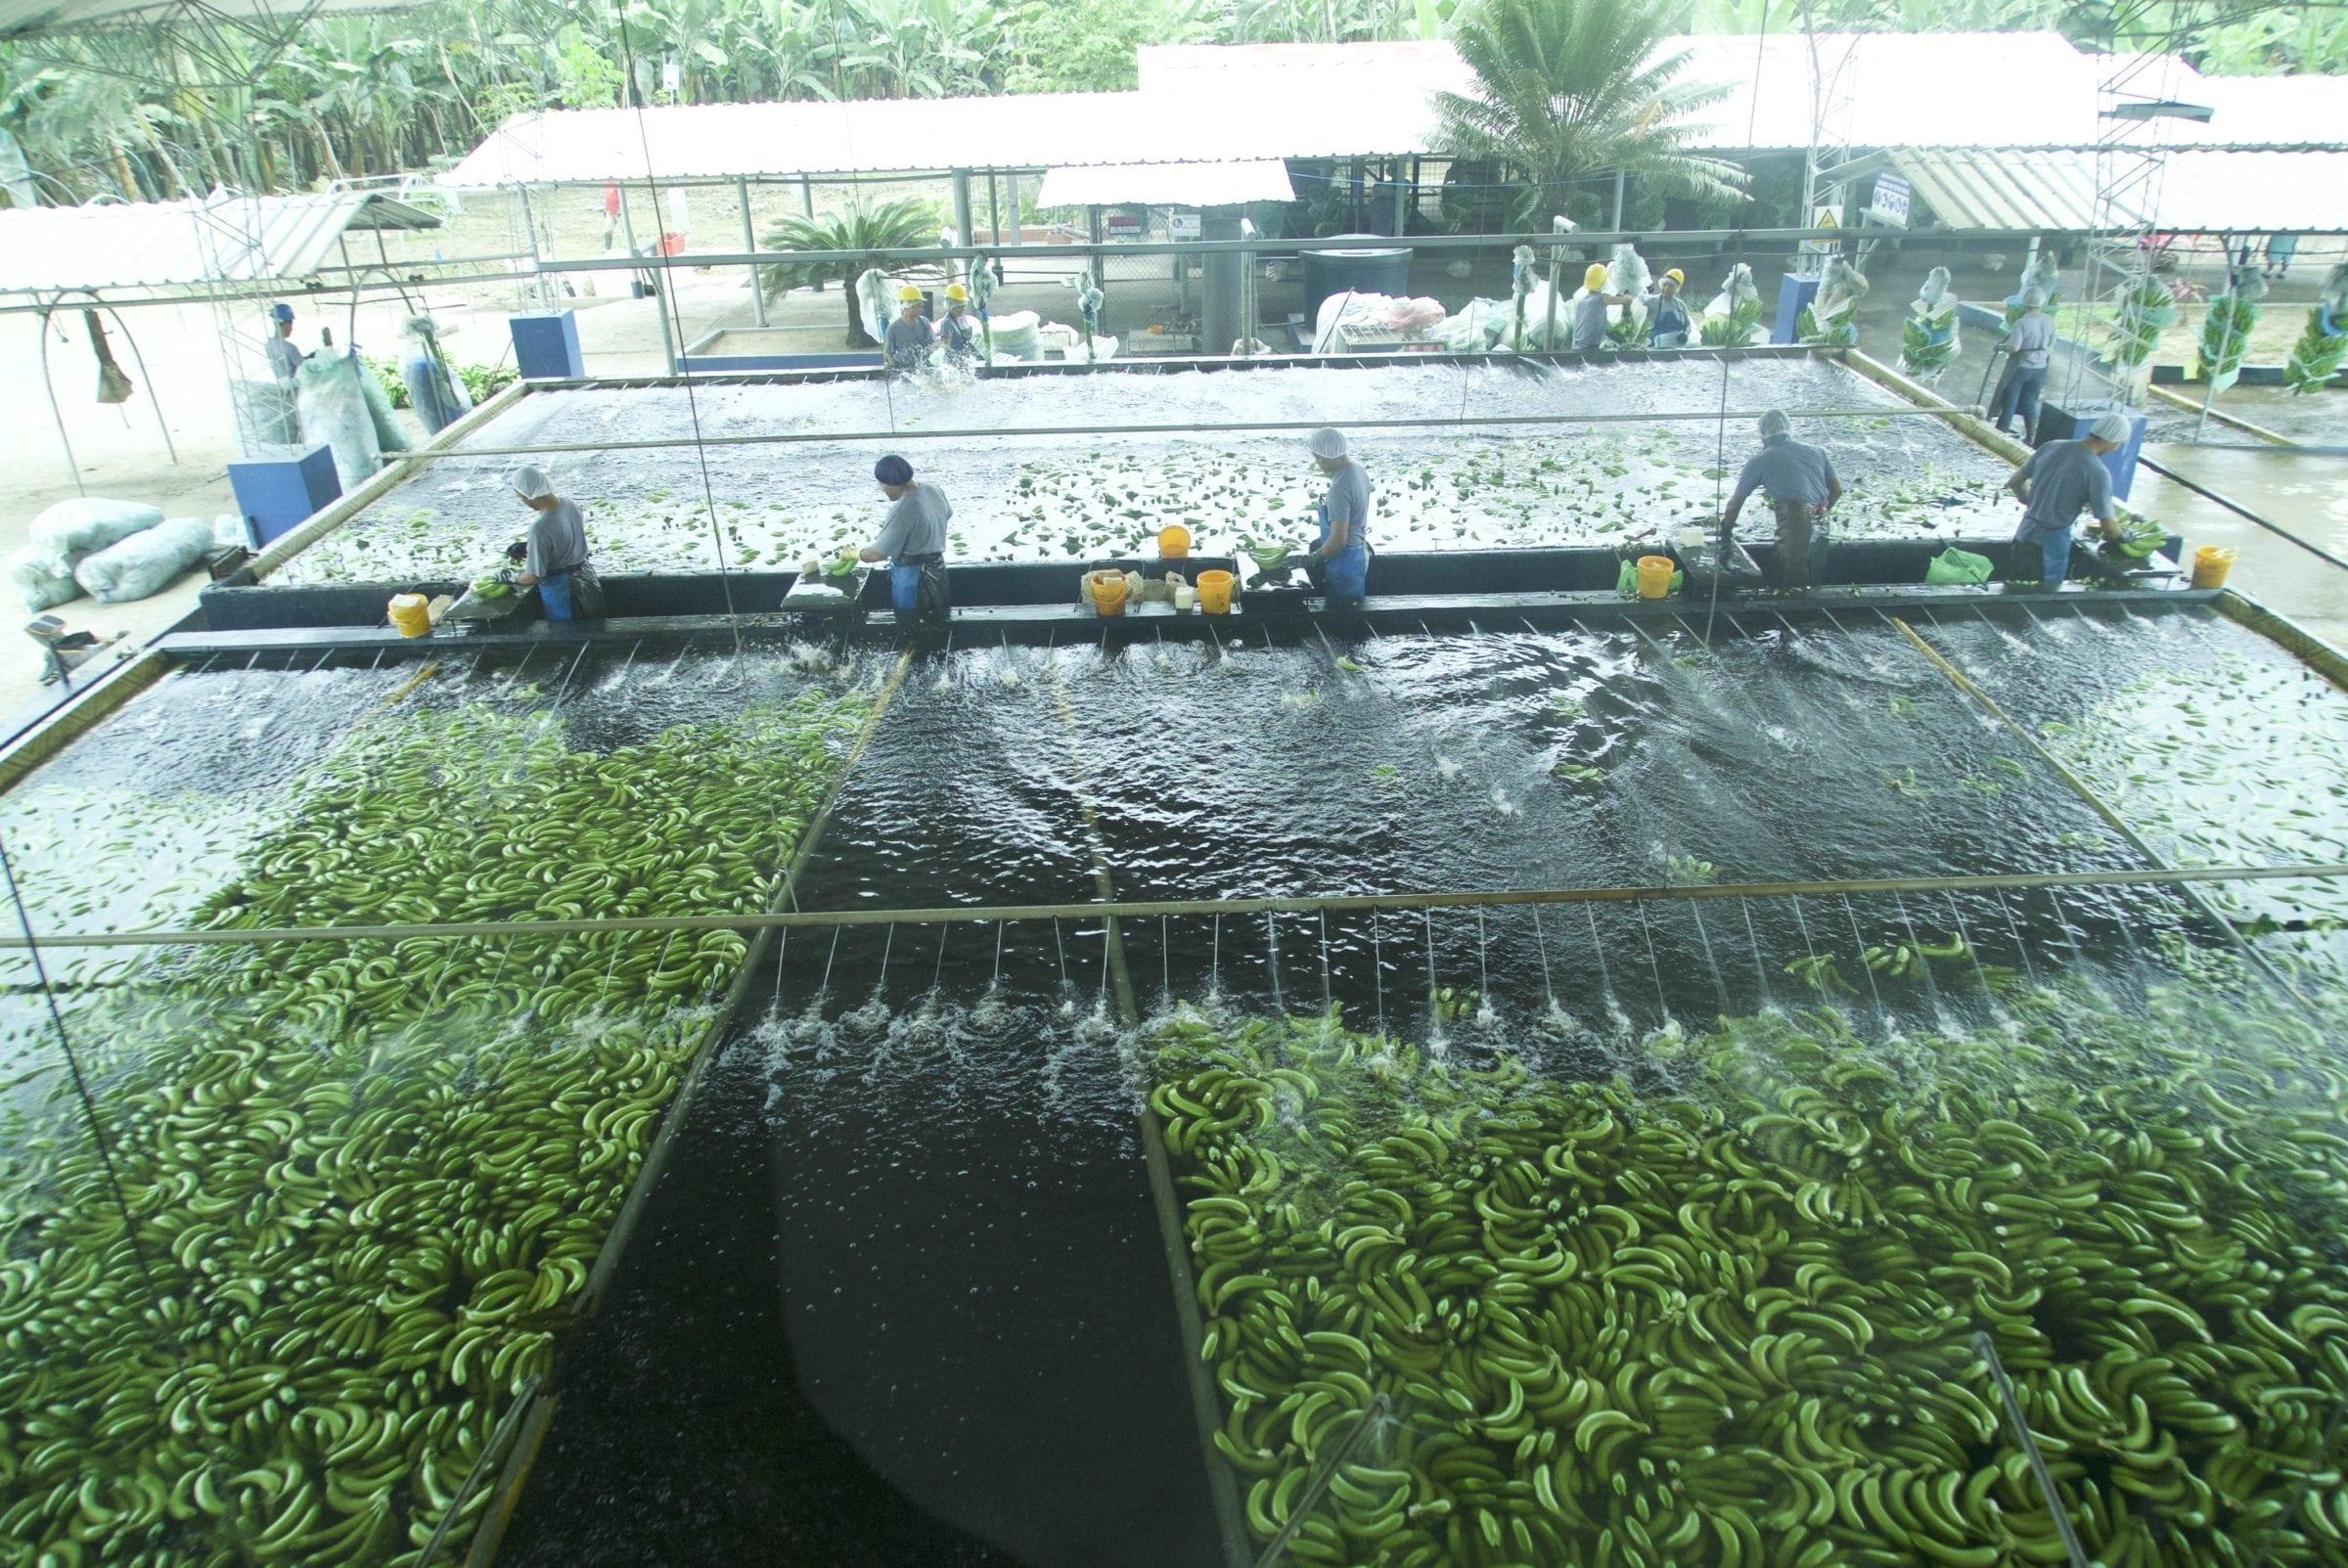 Mange af indbyggerne lever af at arbejde på plantagerne, og er i daglig kontakt med de farlige pesticider.